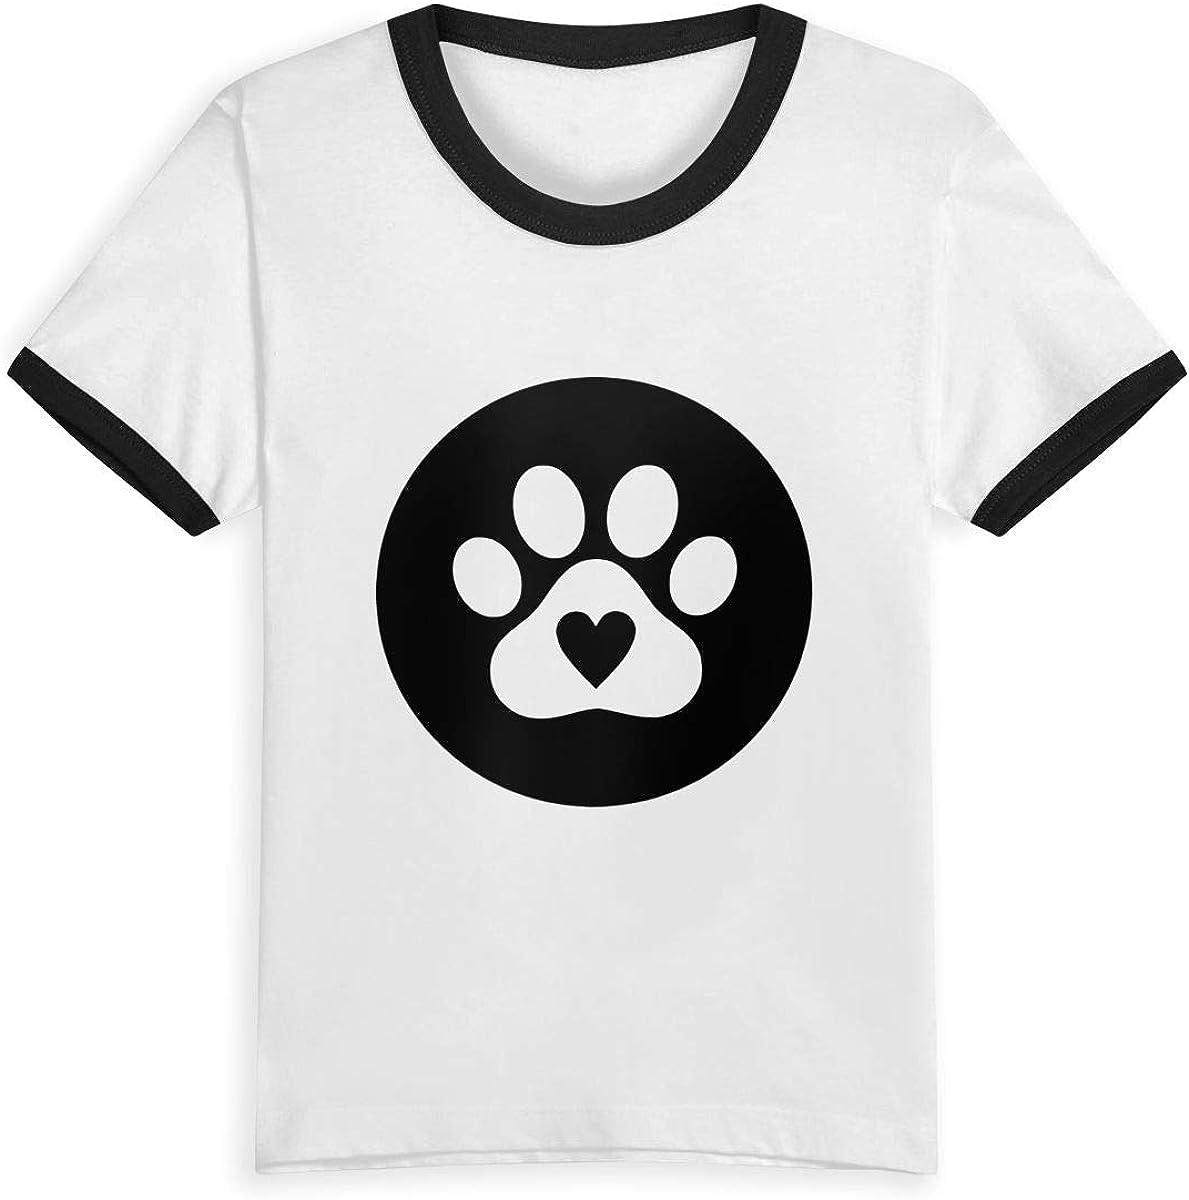 Queen Elena - Camiseta de Manga Corta con diseño de corazón y Huella de Pata, 2 – 6 años, de algodón, para niños y niñas Negro Negro (3 años: Amazon.es: Ropa y accesorios